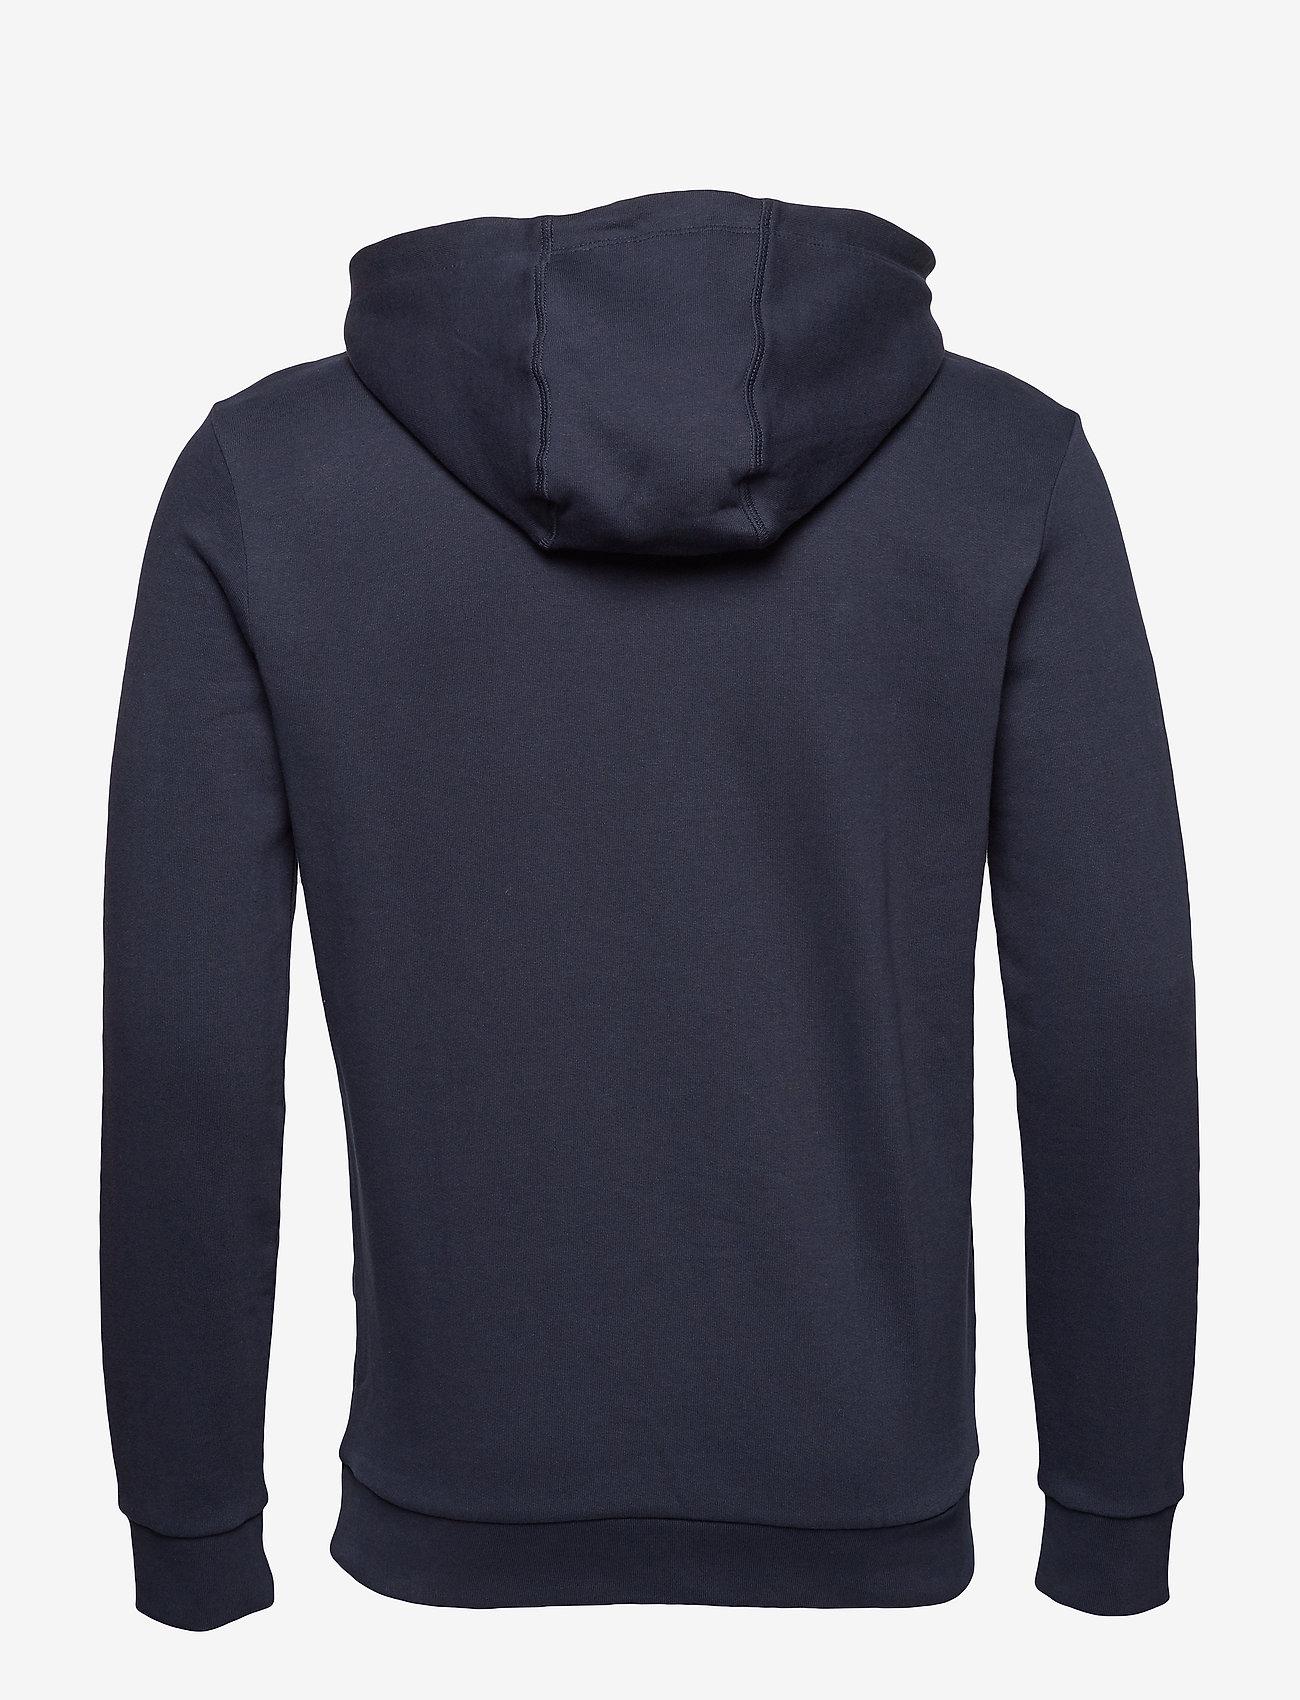 Storms (Navy Blazer) (45 €) - Minimum M0t6P